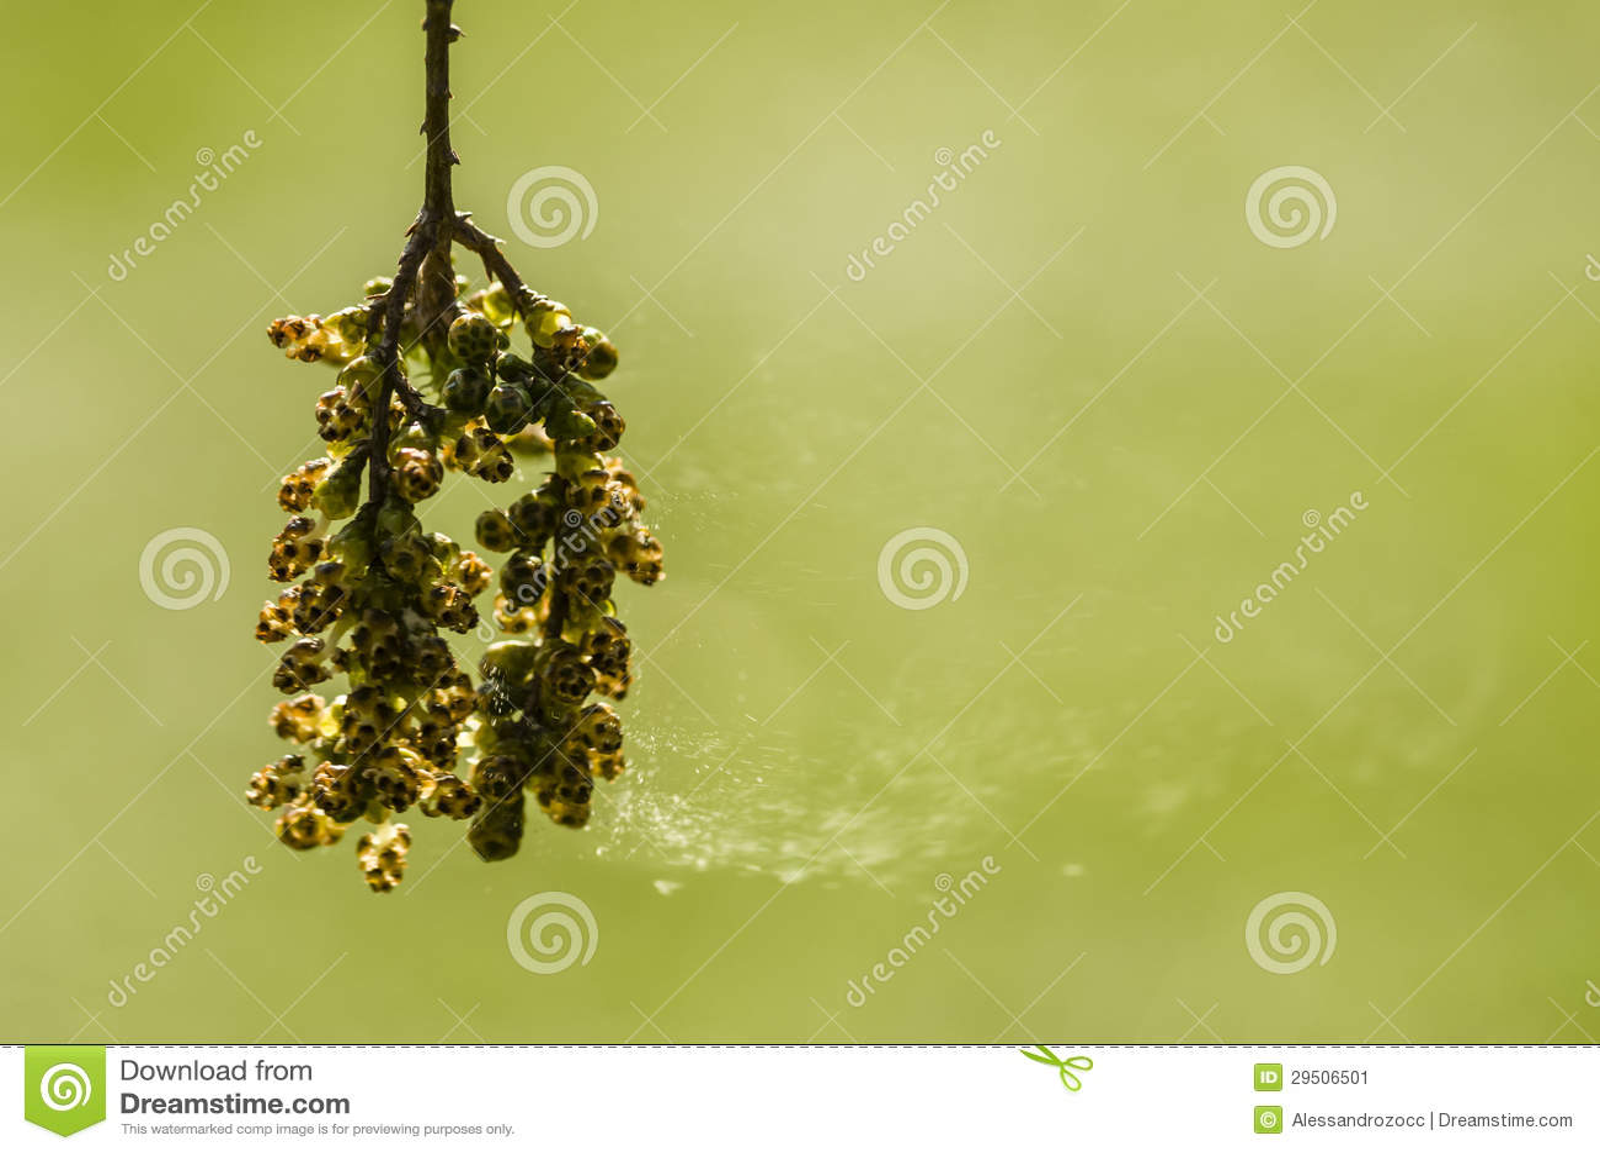 Bloemen en vliegende sporen van Taxodium distichumboom, kale cypre